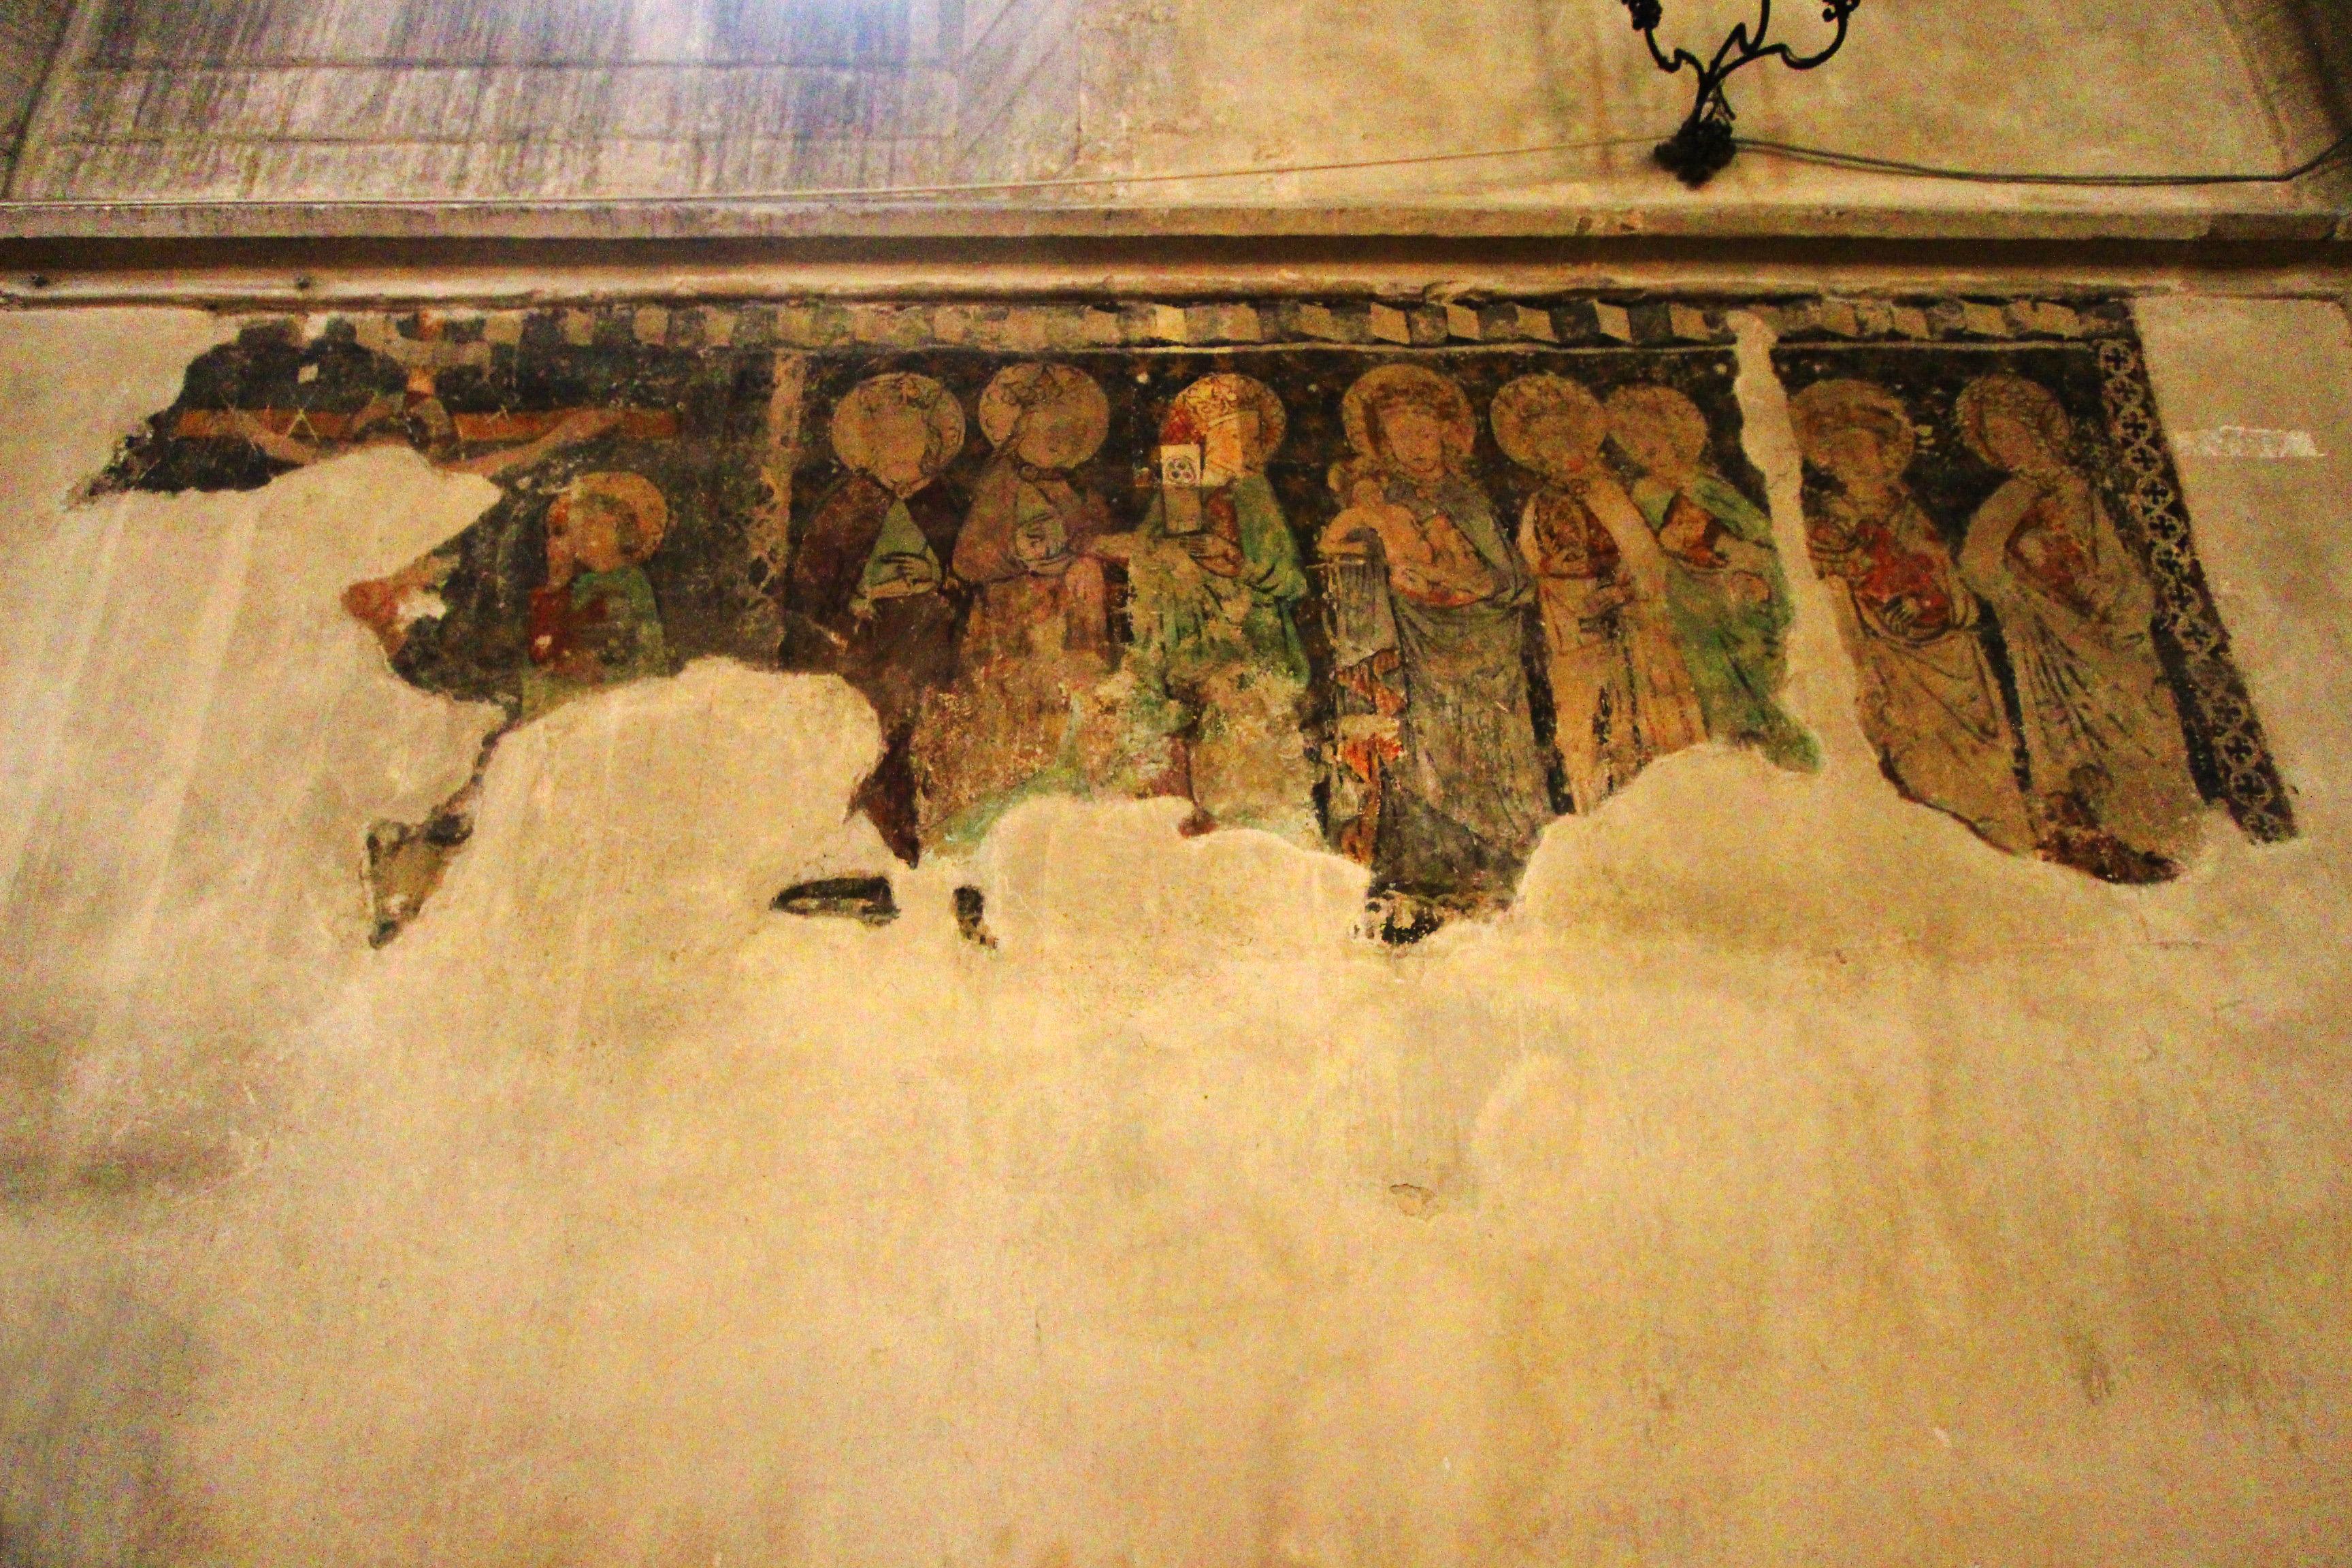 Szent Mihály templom, Kolozsvár